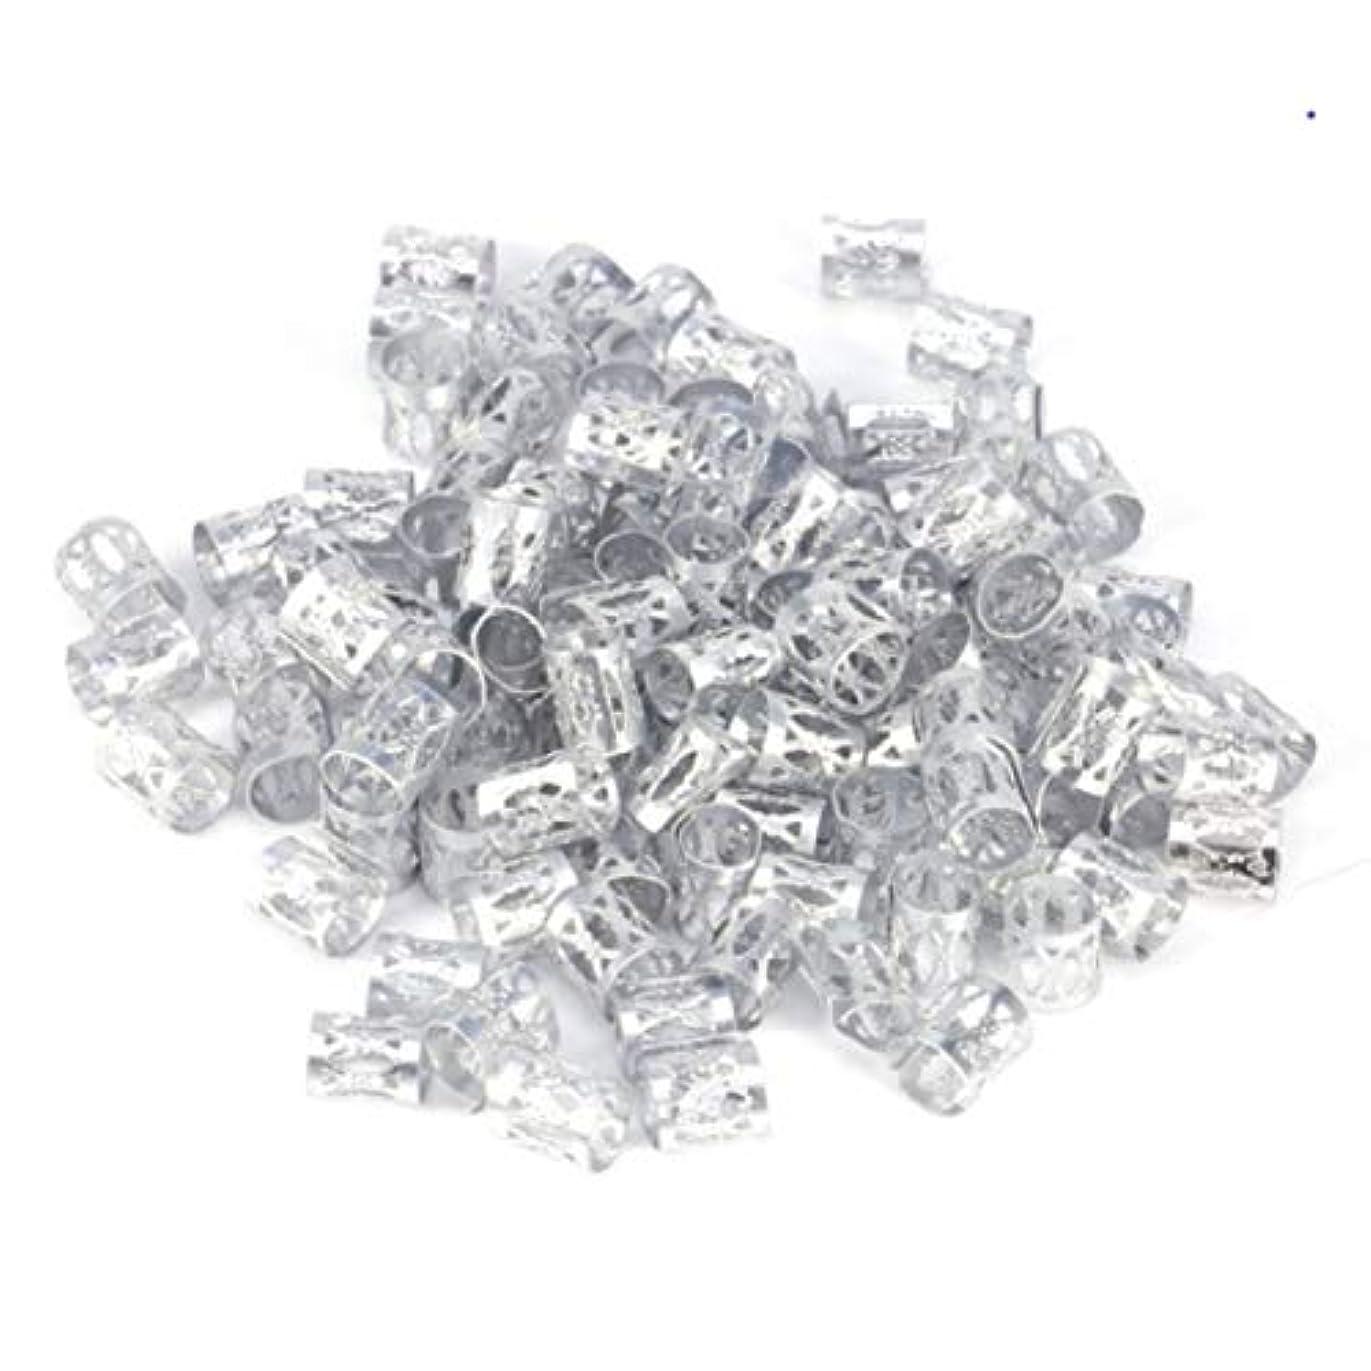 前書きコショウ接ぎ木フラワーヘアピンFlowerHairpin YHM 3 PCS Dreadlocksアルミライスビーズヘアアクセサリー(シルバー) (色 : Silver)